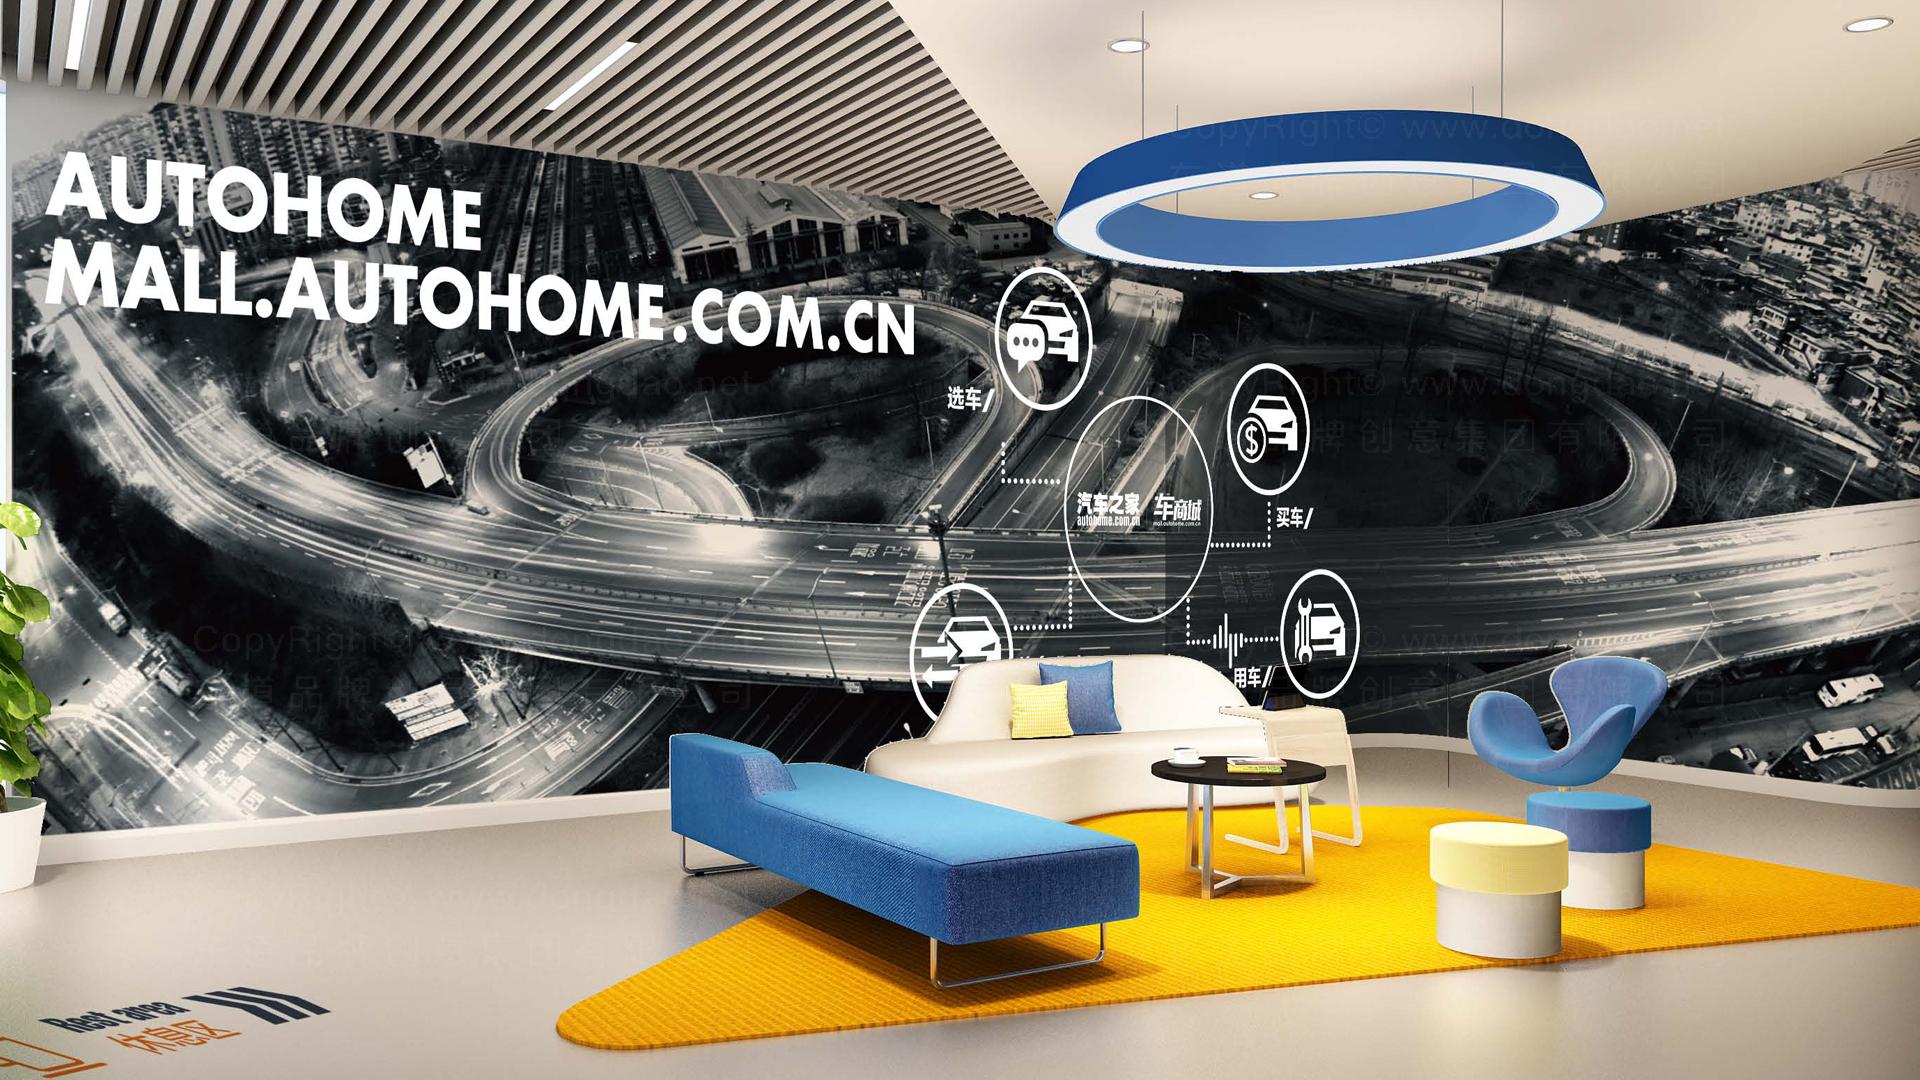 汽车业商业空间&导示汽车之家汽车之家 SI 设计